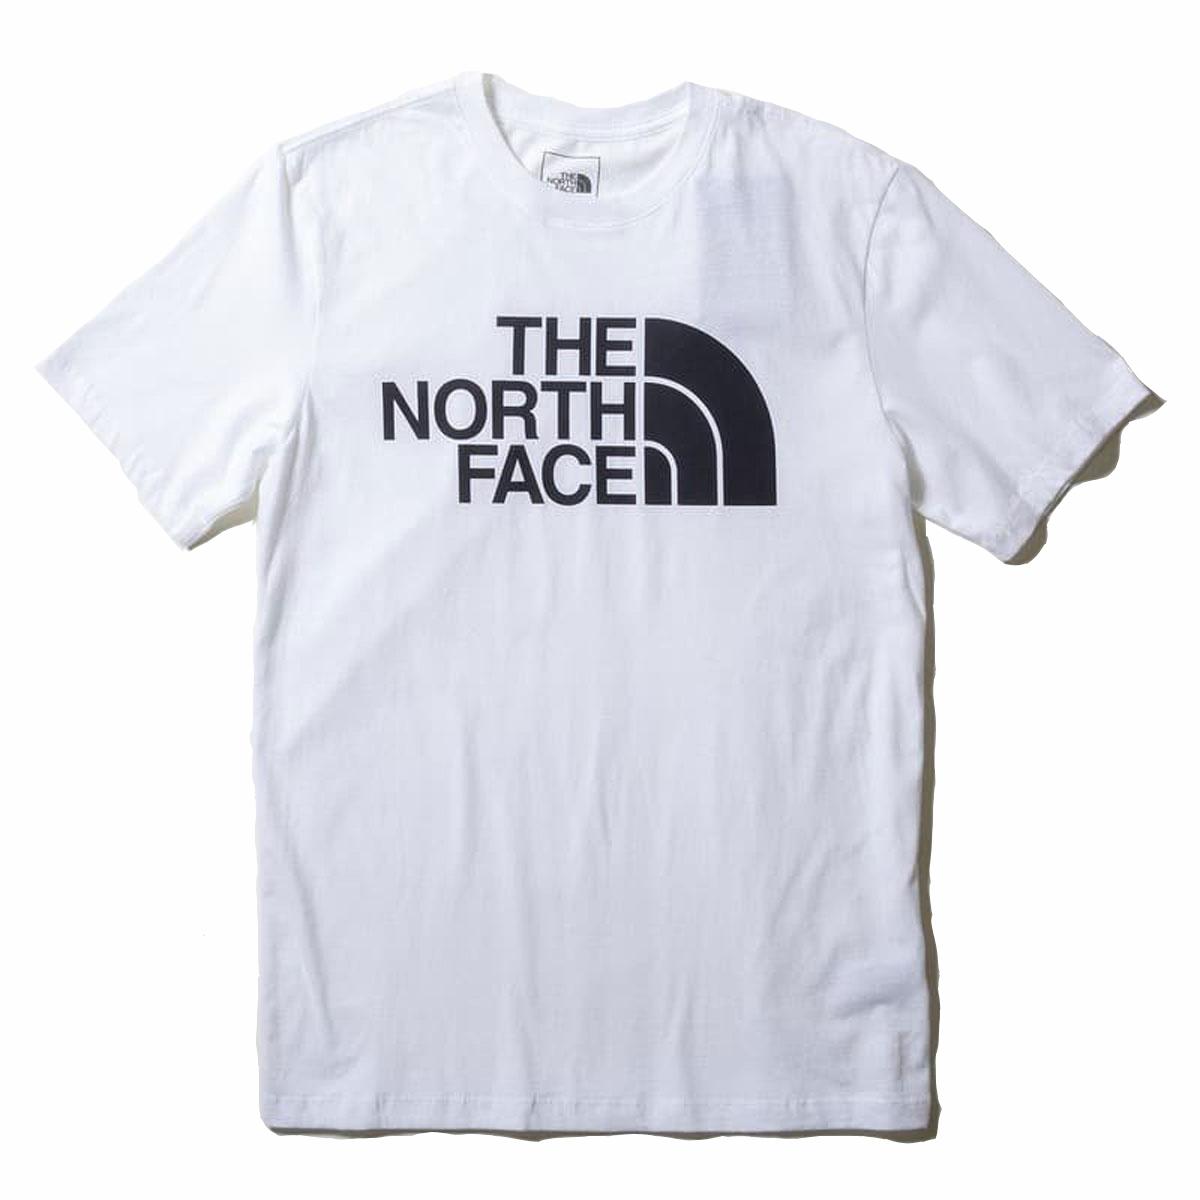 ノースフェイス Tシャツ メンズ 正規品 THE NORTH FACE 半袖Tシャツ クルーネック ロゴTシャツ THE NORTH FACE M S/S HALF DOME TEE TNF WHITE NF0A4M4P A14B B1C C1D D1E E01F